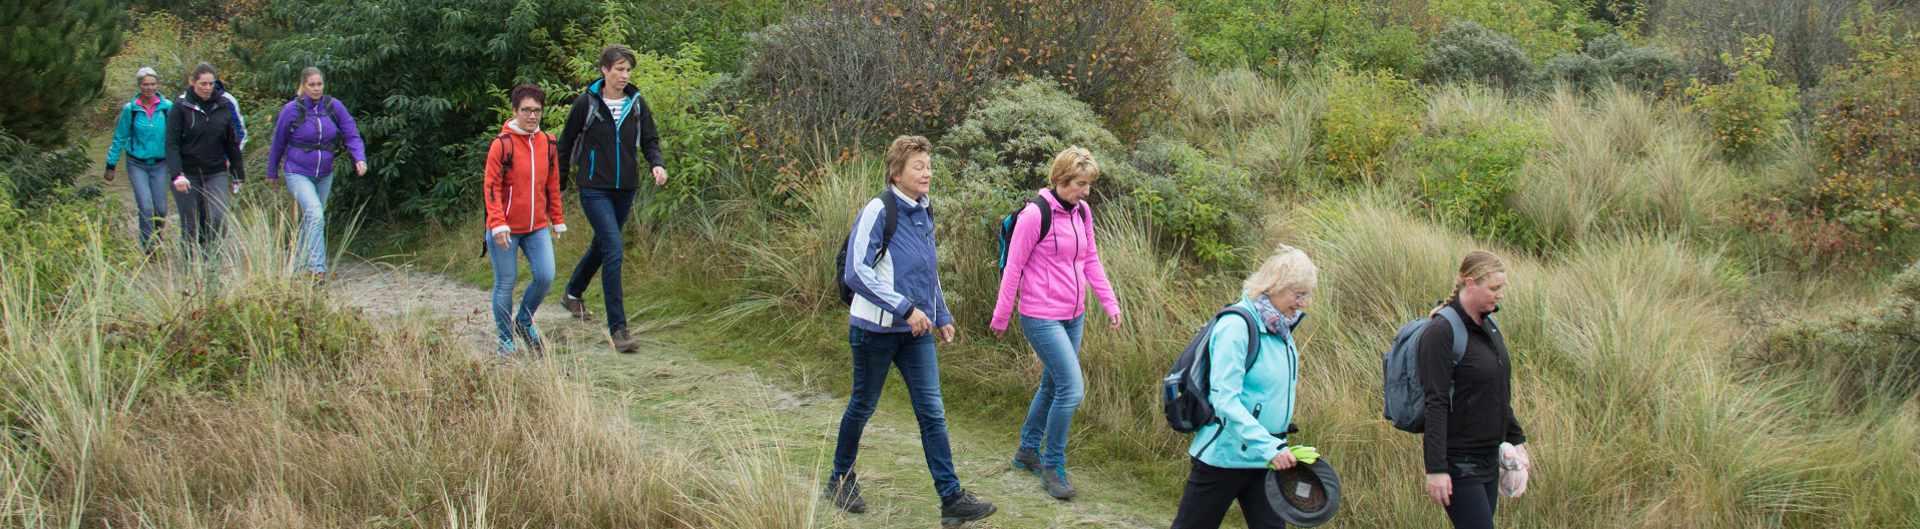 Tussen Slik en Zand: Deelnemers wandelen op het Hagendoornveld op Ameland